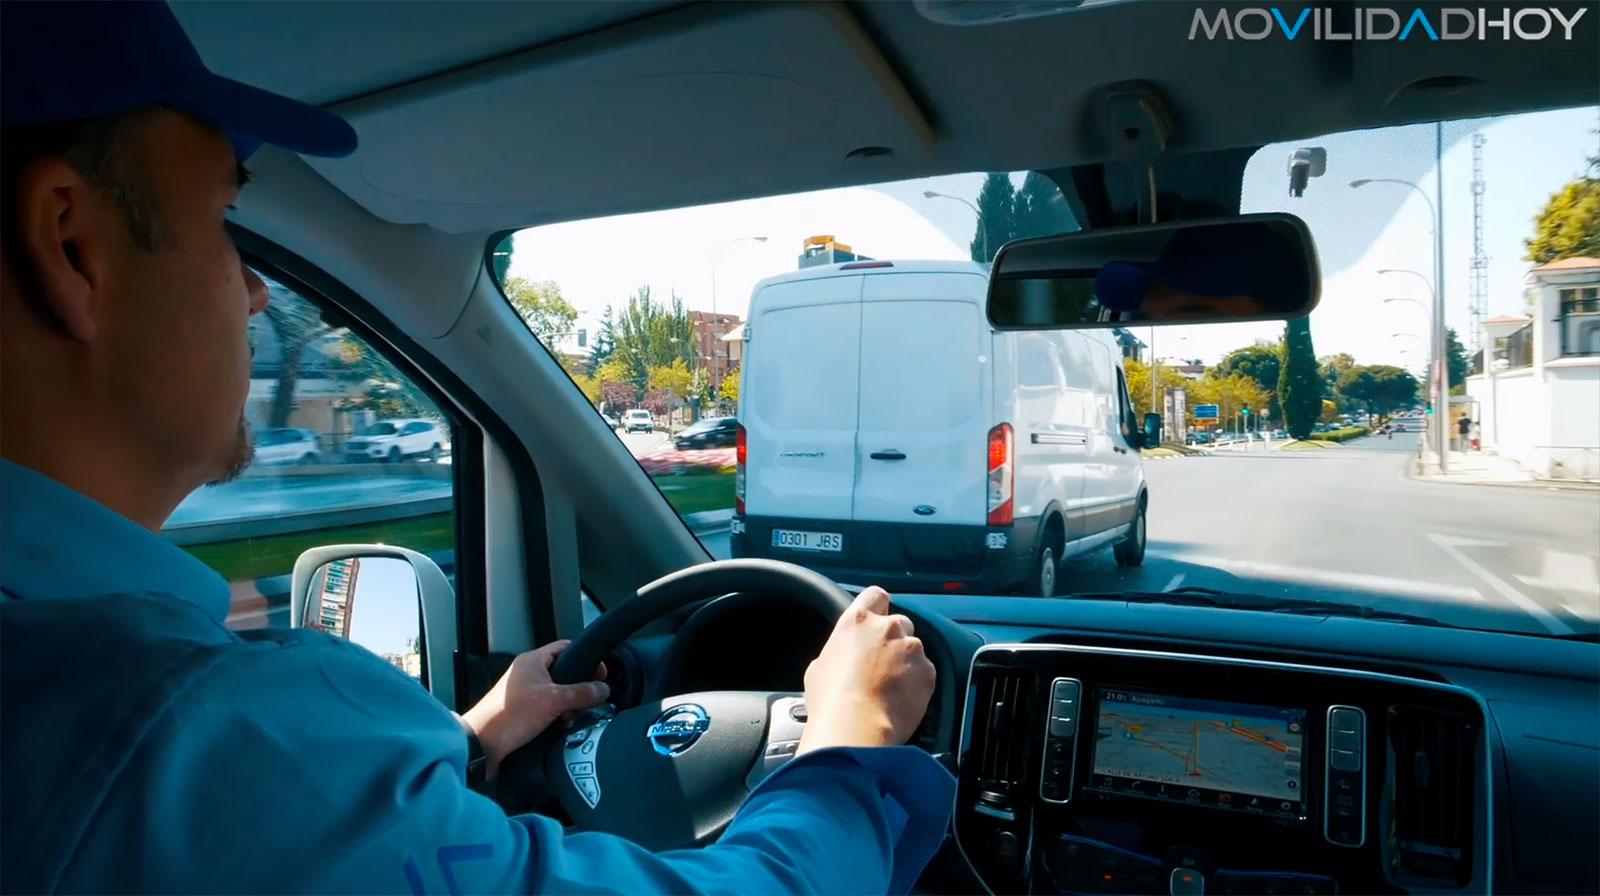 Más de una persona en coche en estado de alarma